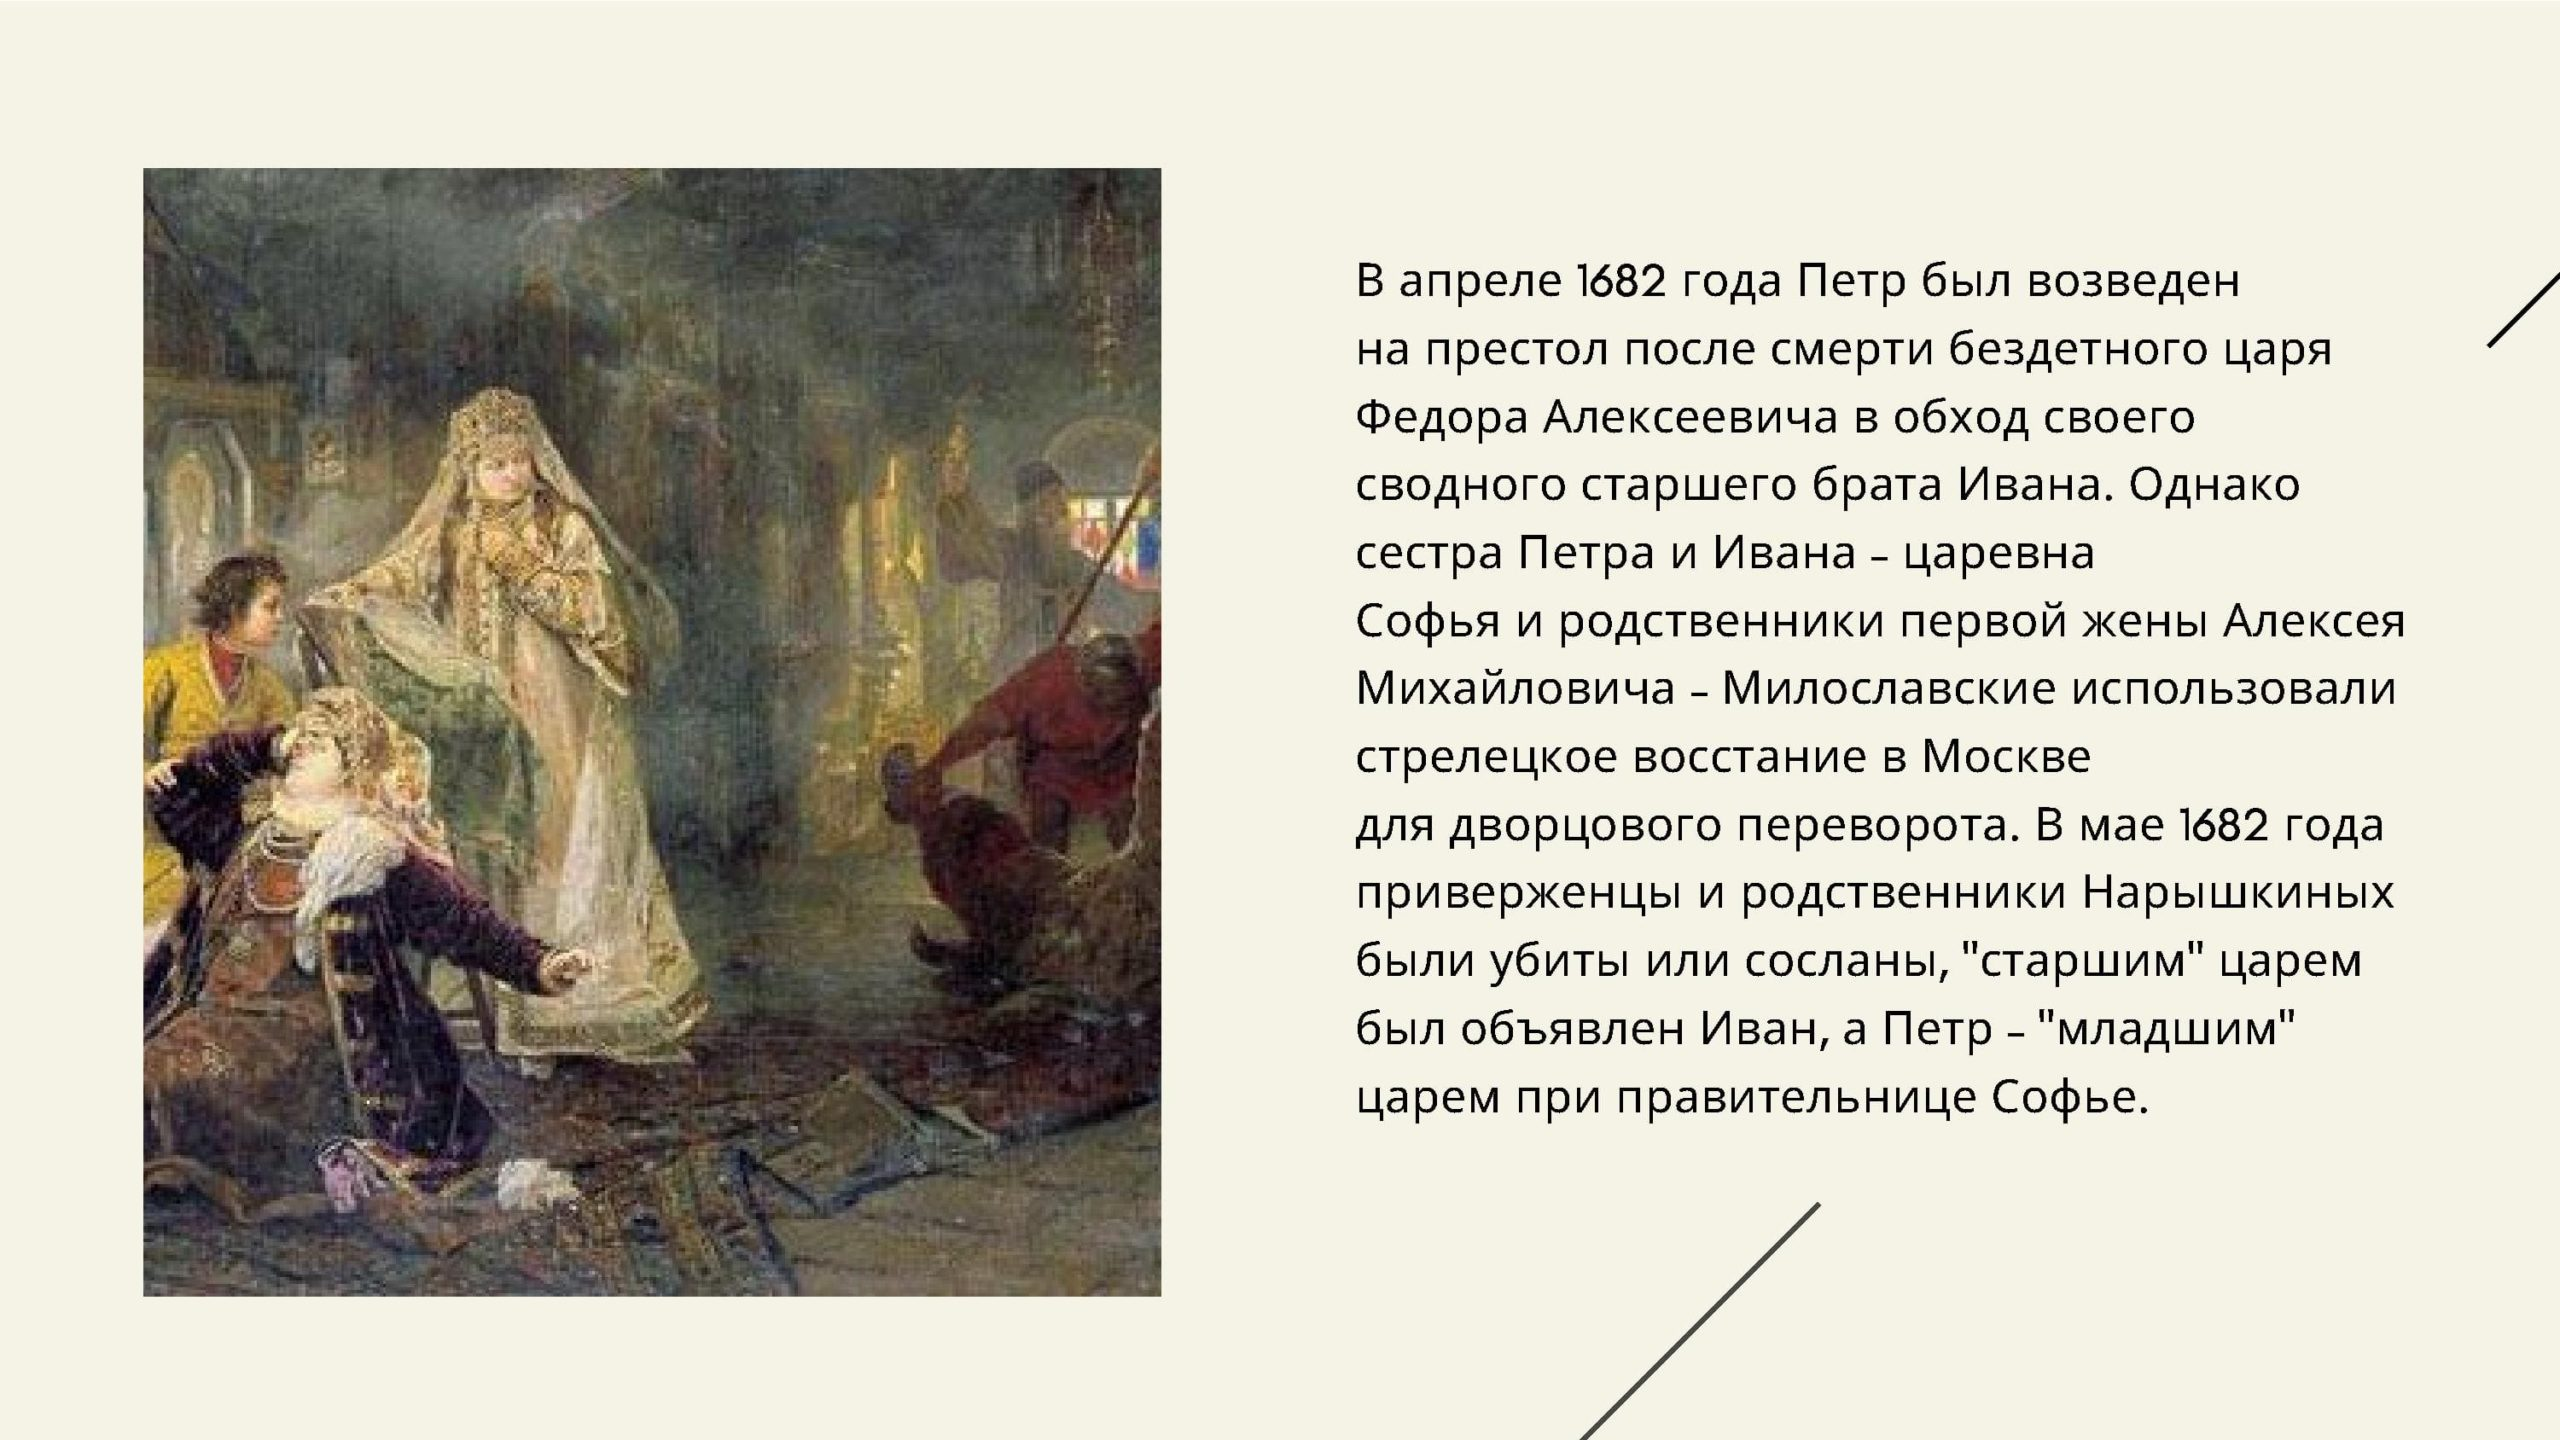 В апреле 1682 года Пётр был возведён на престол после смерти бездетного царя Фёдора Алексеевича